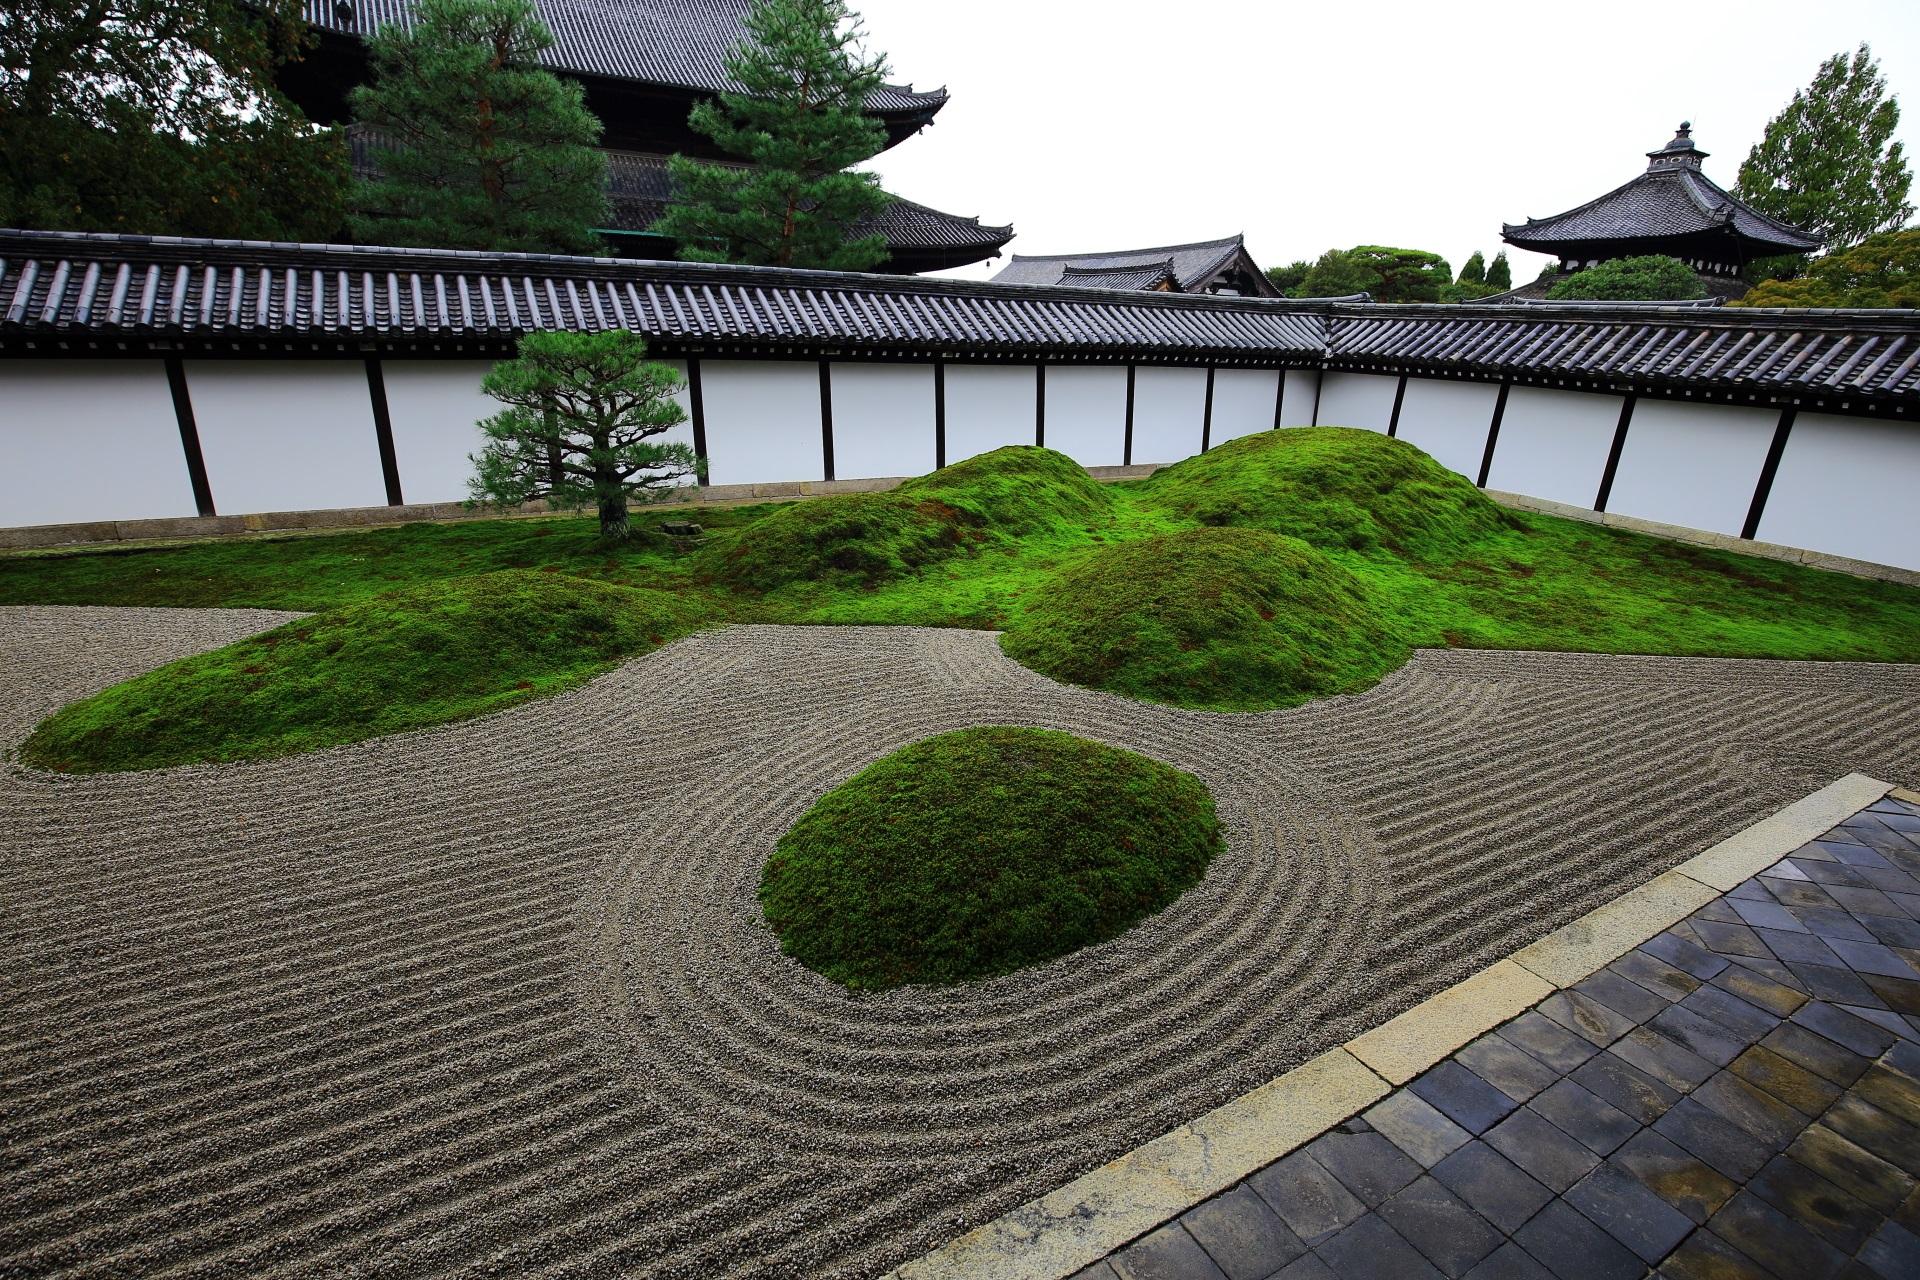 東福寺方丈庭園の五山を表した苔の築山